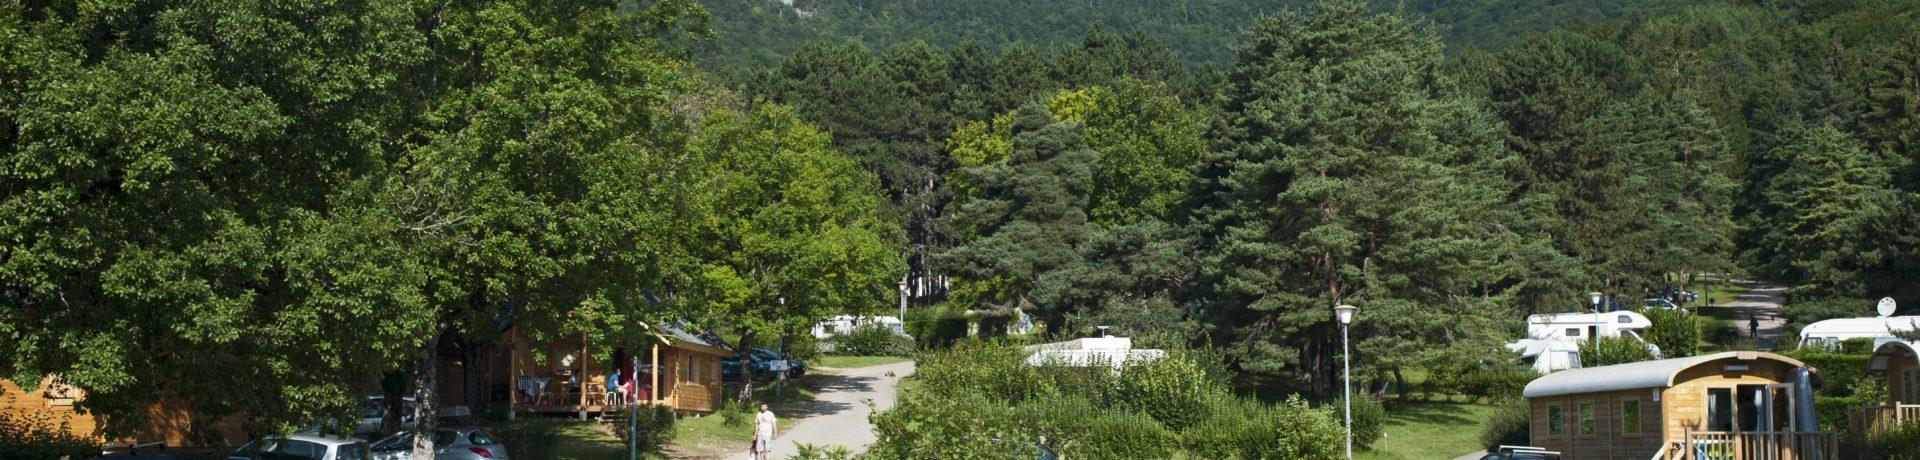 Camping Huttopia Divonne les Bains is een terrassencamping in een natuurgebied van 9 ha met uitzicht op de Mont Blanc in de Ain in de Rhône-Alpes.